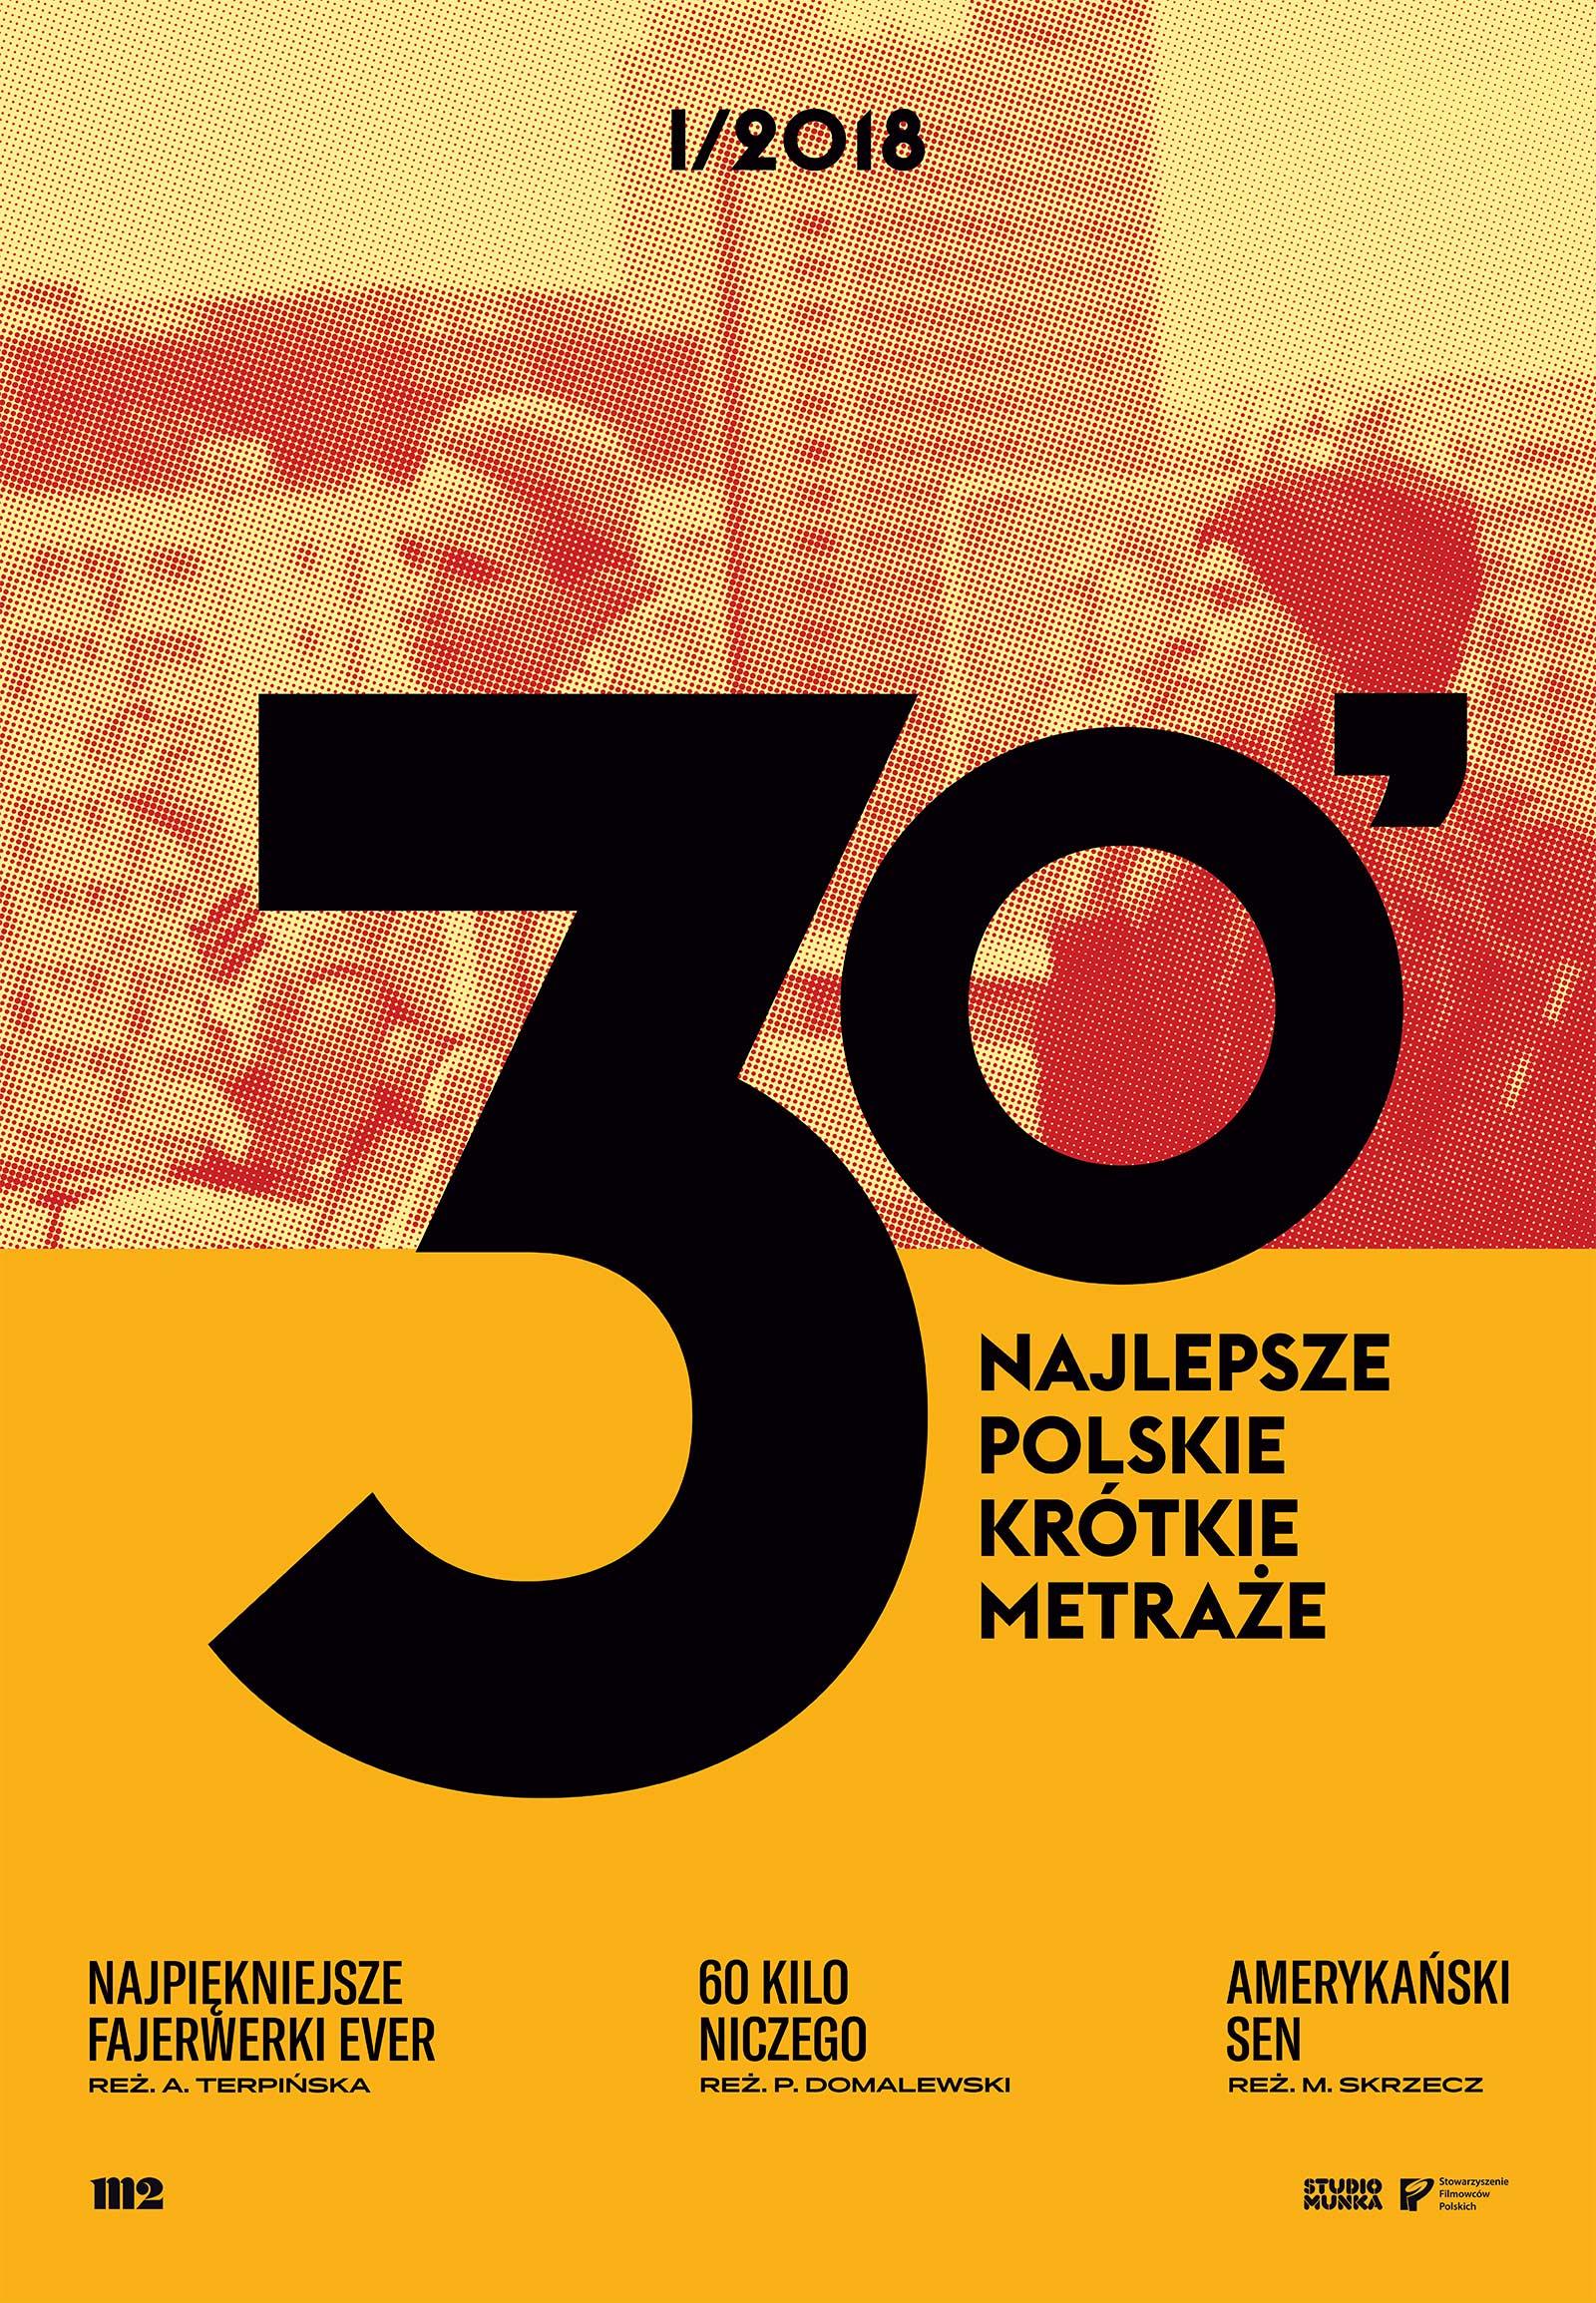 Najlepsze Polskie Krótkie Metraże(źródło: materiały prasowe)